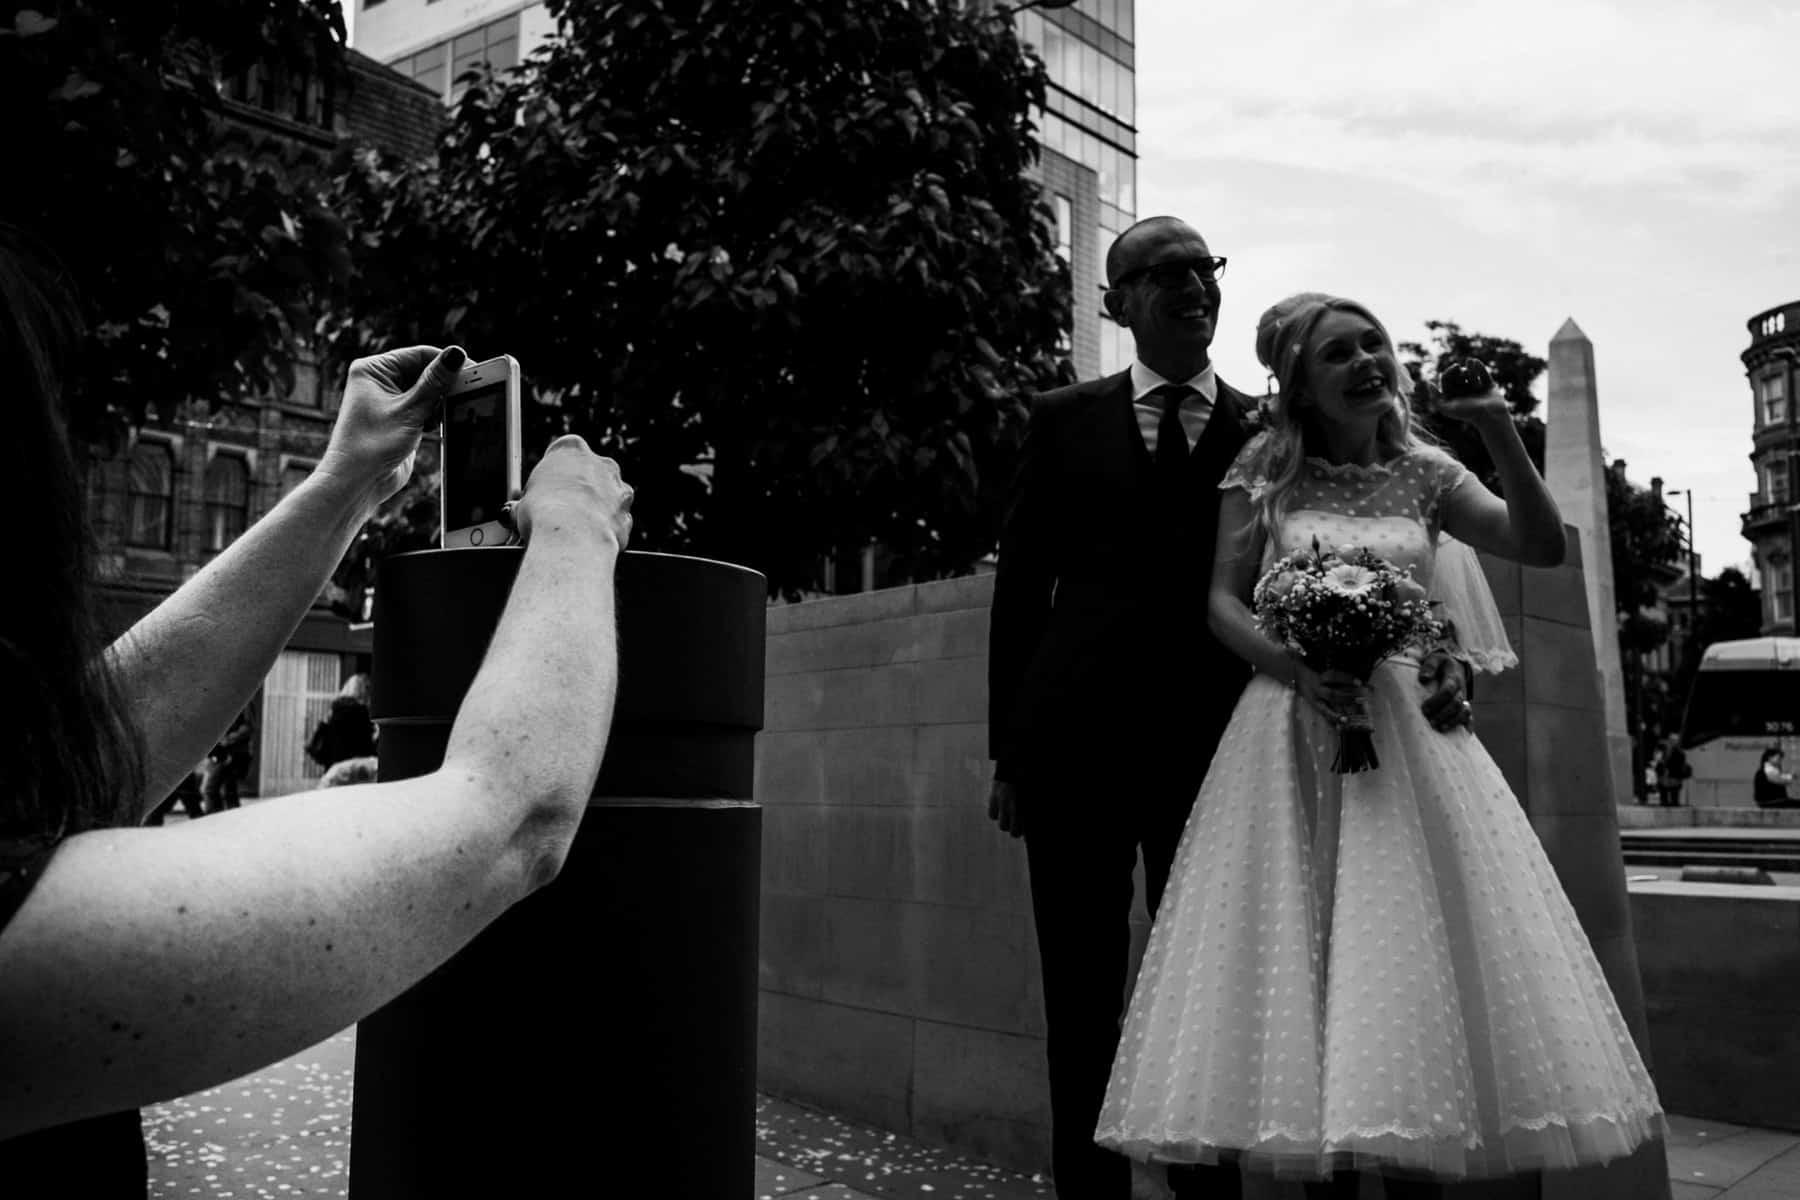 public taking photographs of wedding couple